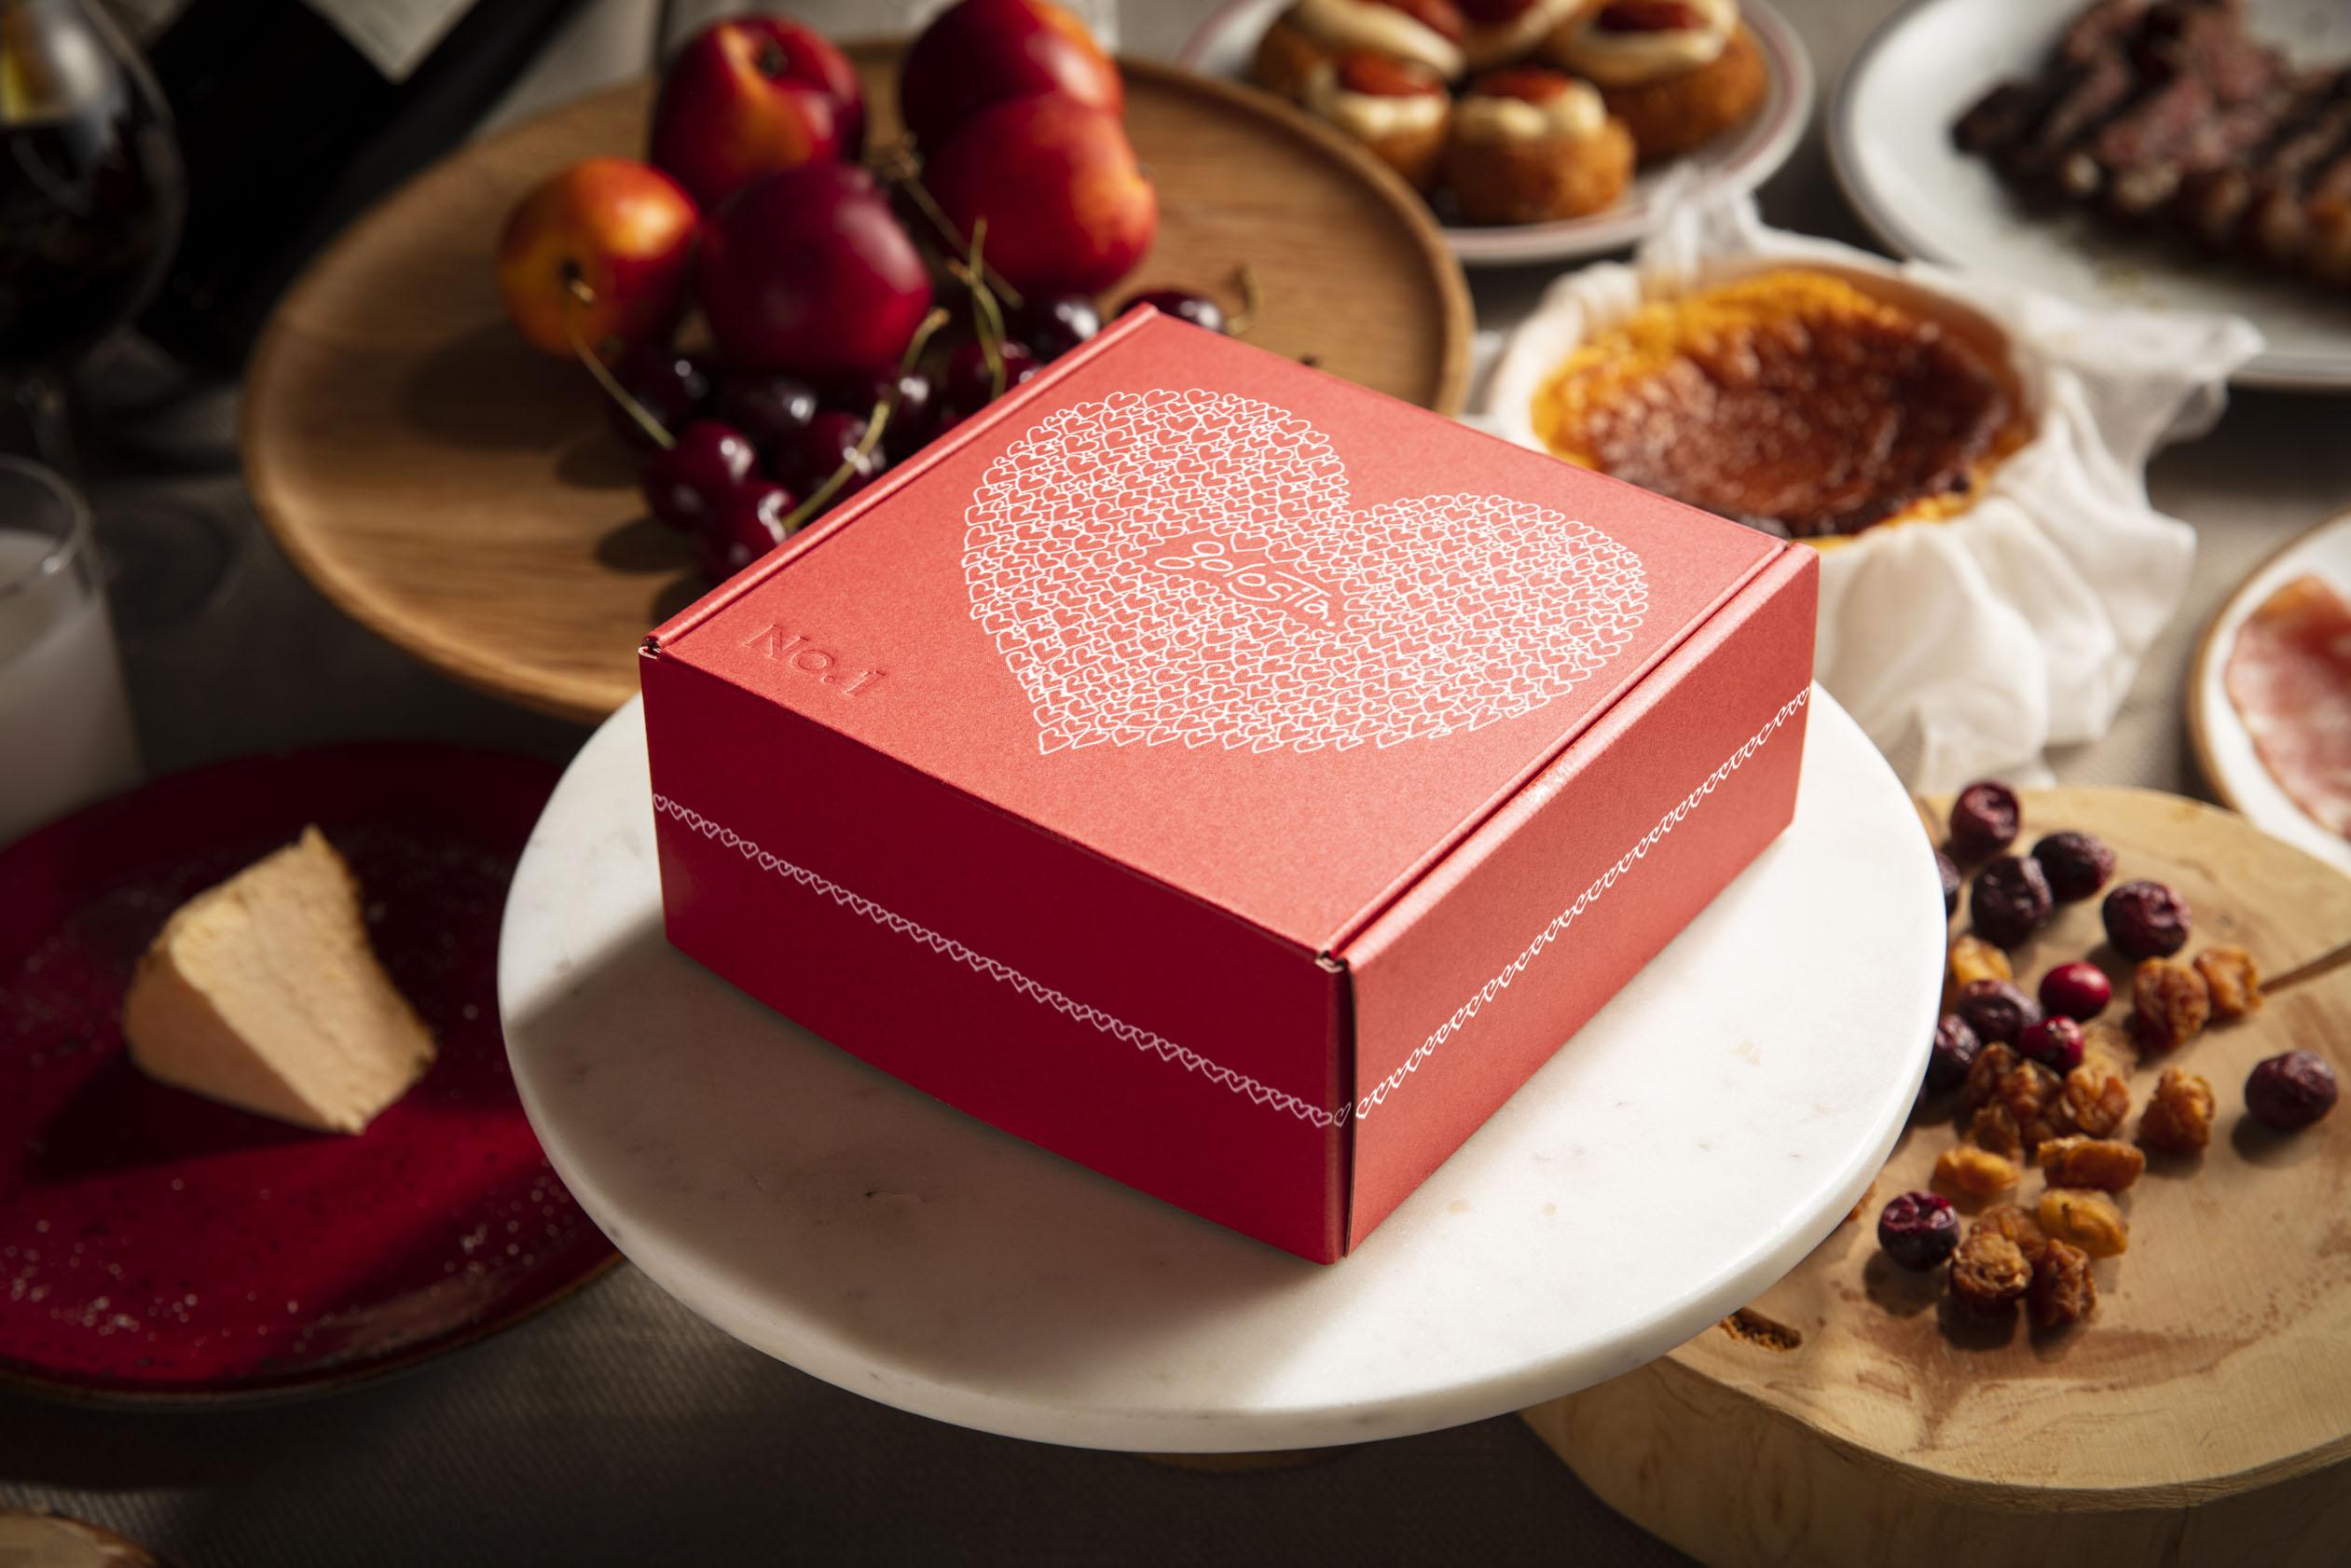 「No.1 CHEESECAKE」にスペシャルパッケージが限定登場♡ 絶品チーズケーキのおいしさに魅せられて_1